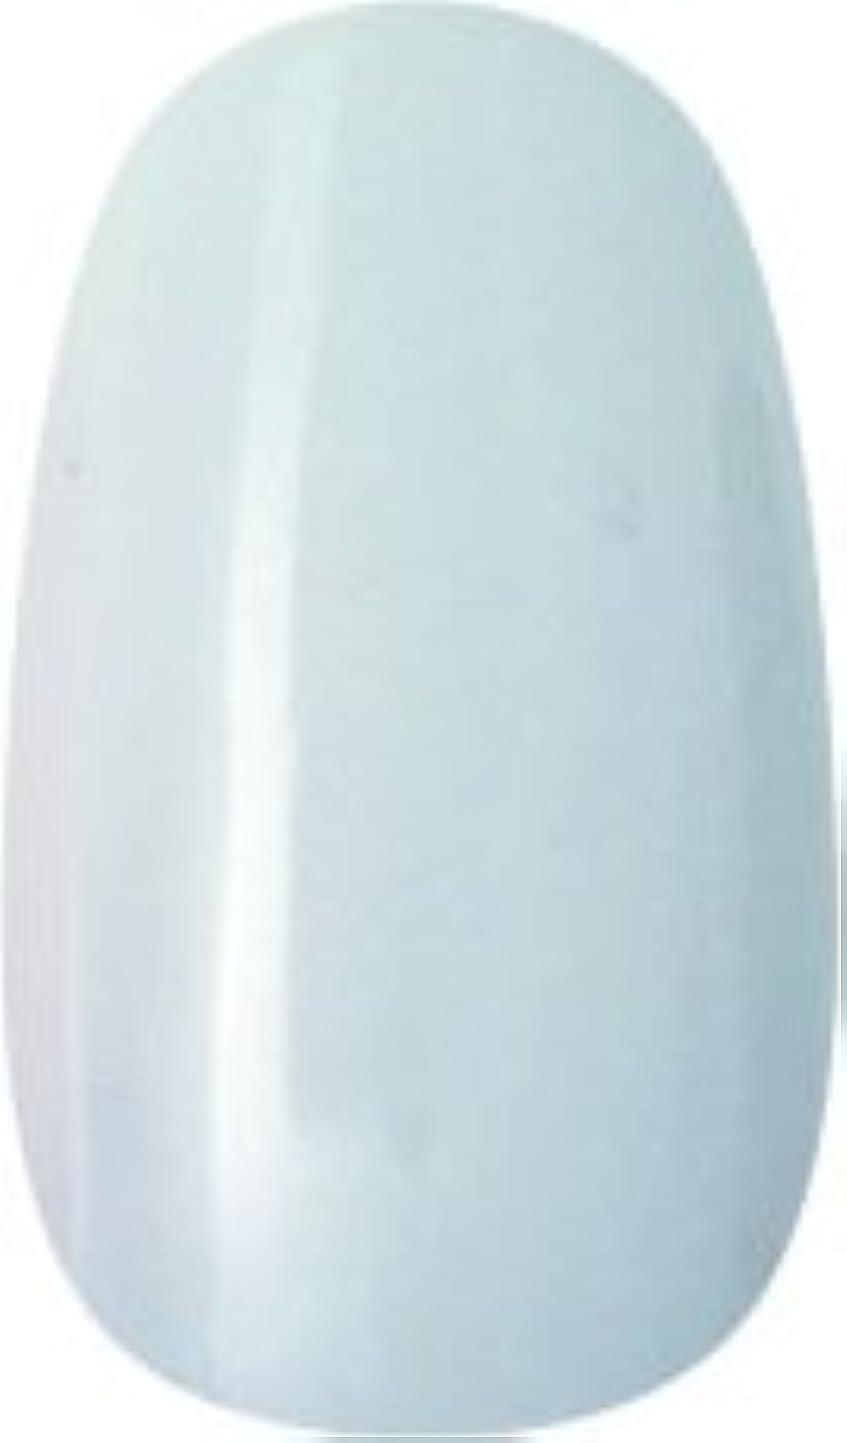 量ボウル立法ラク カラージェル(67-アイスホワイト)8g 今話題のラクジェル 素早く仕上カラージェル 抜群の発色とツヤ 国産ポリッシュタイプ オールインワン ワンステップジェルネイル RAKU COLOR GEL #67